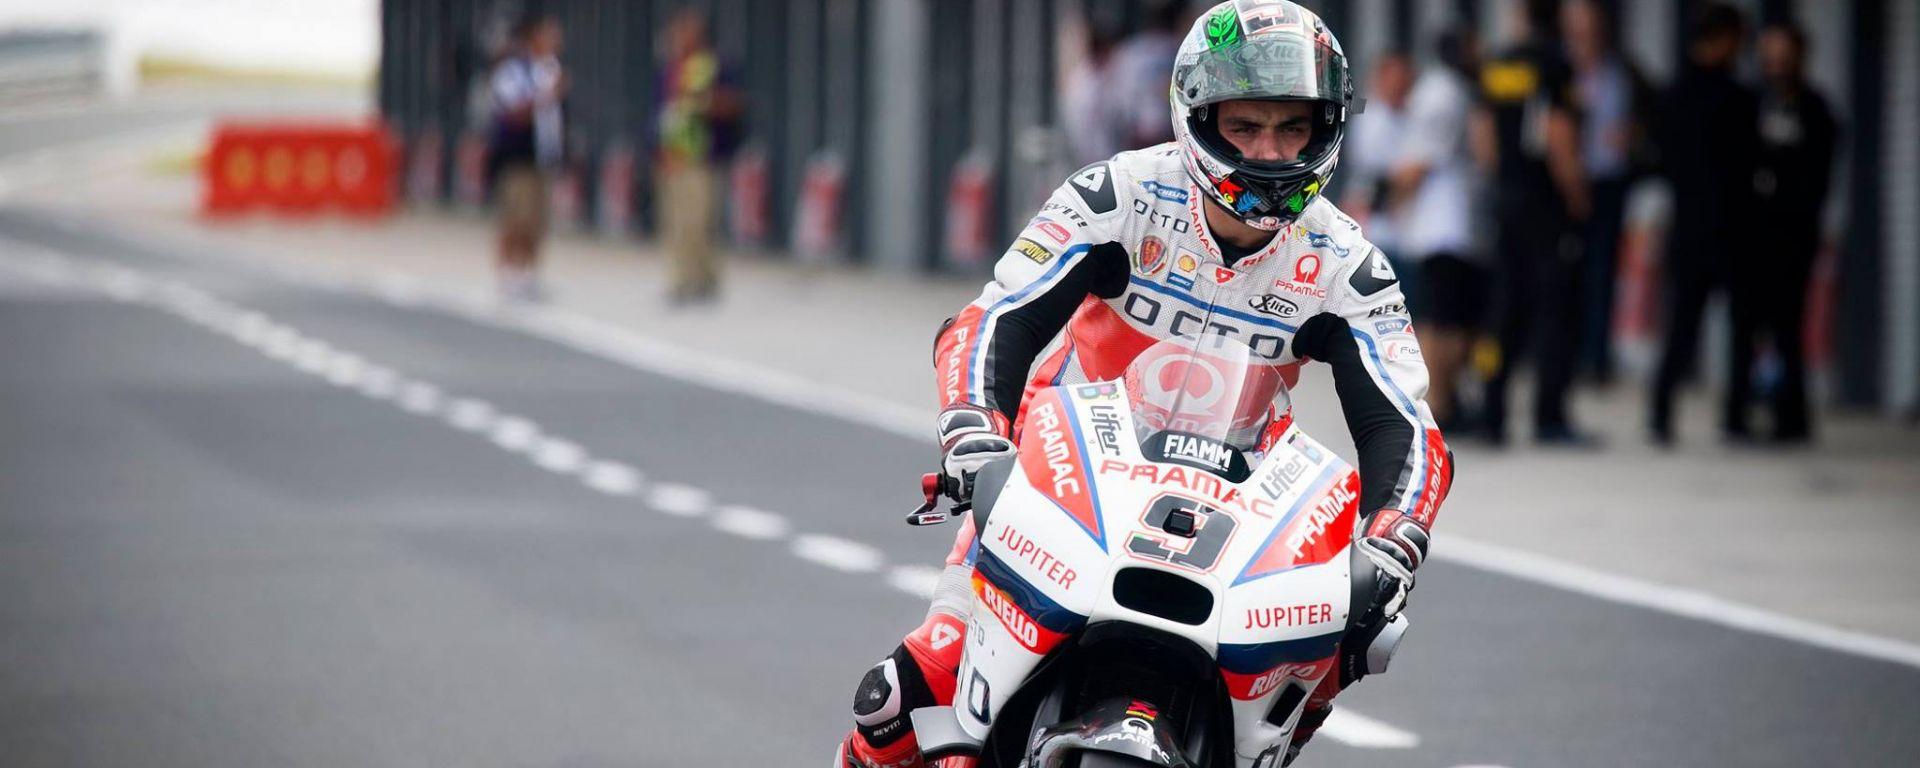 Test di Phillip Island MotoGP: risultati delle 3 giornate